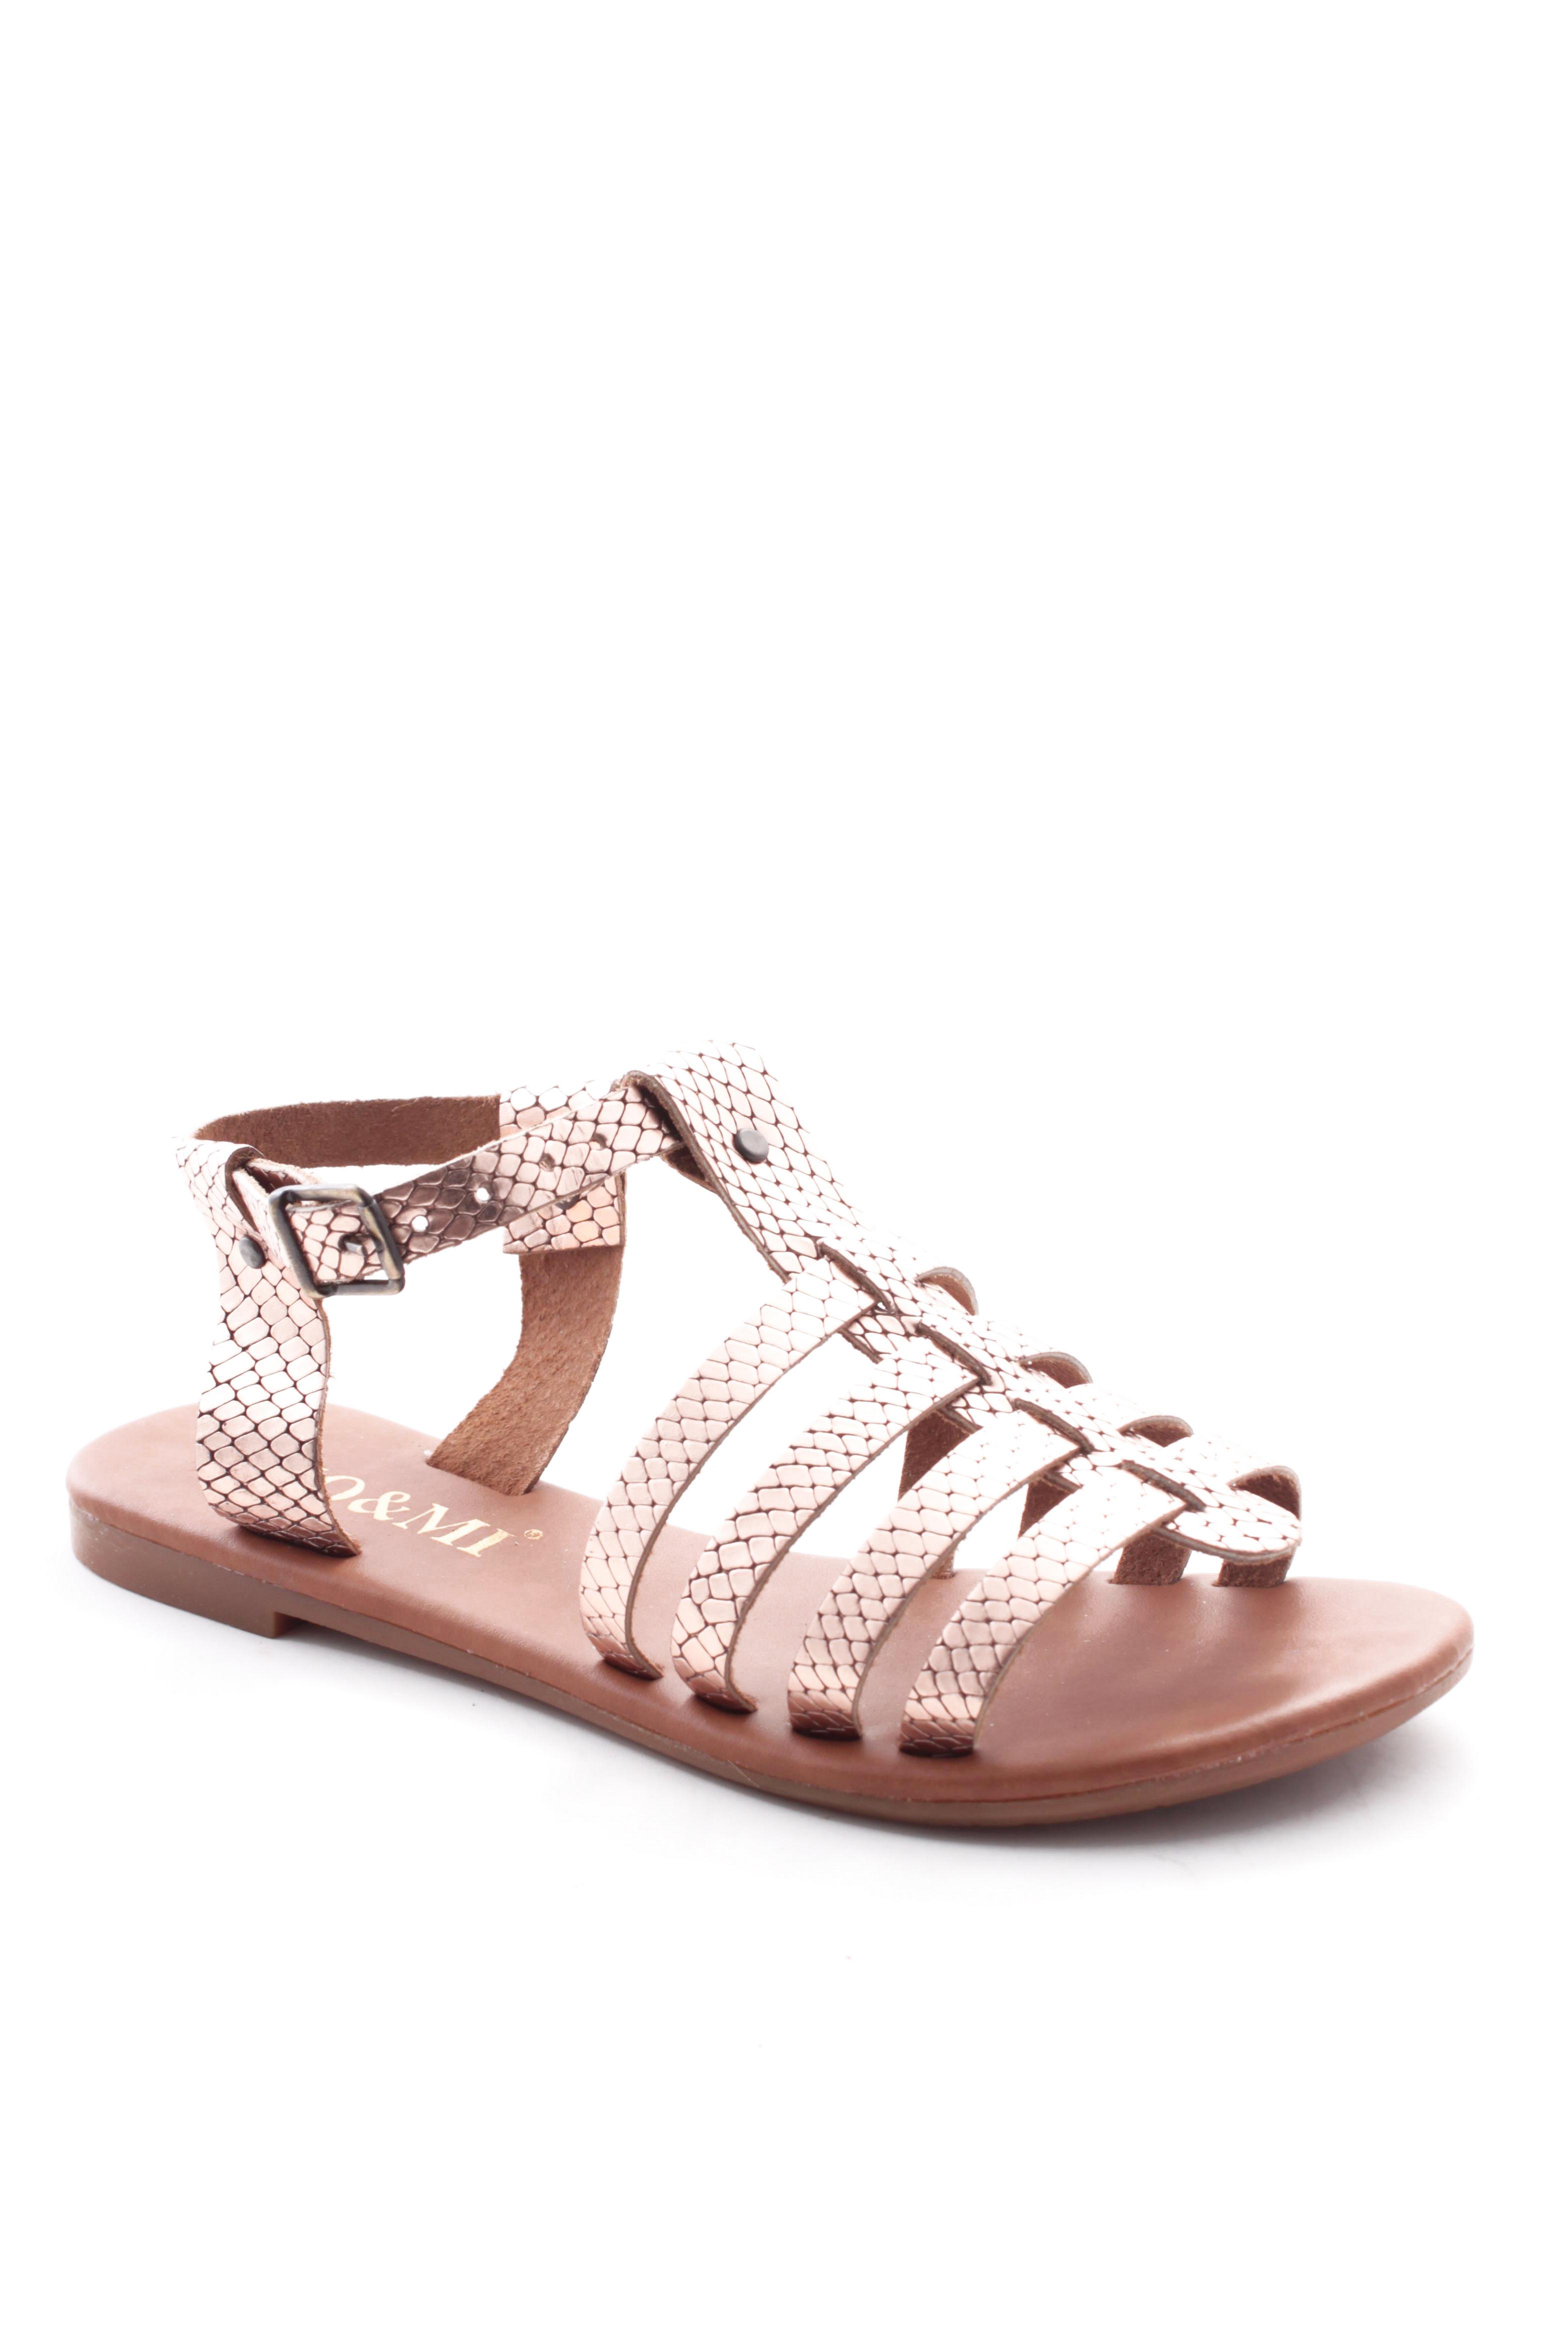 Giomi Bakır Renk Bayan Ayakkabı Sandalet N11com